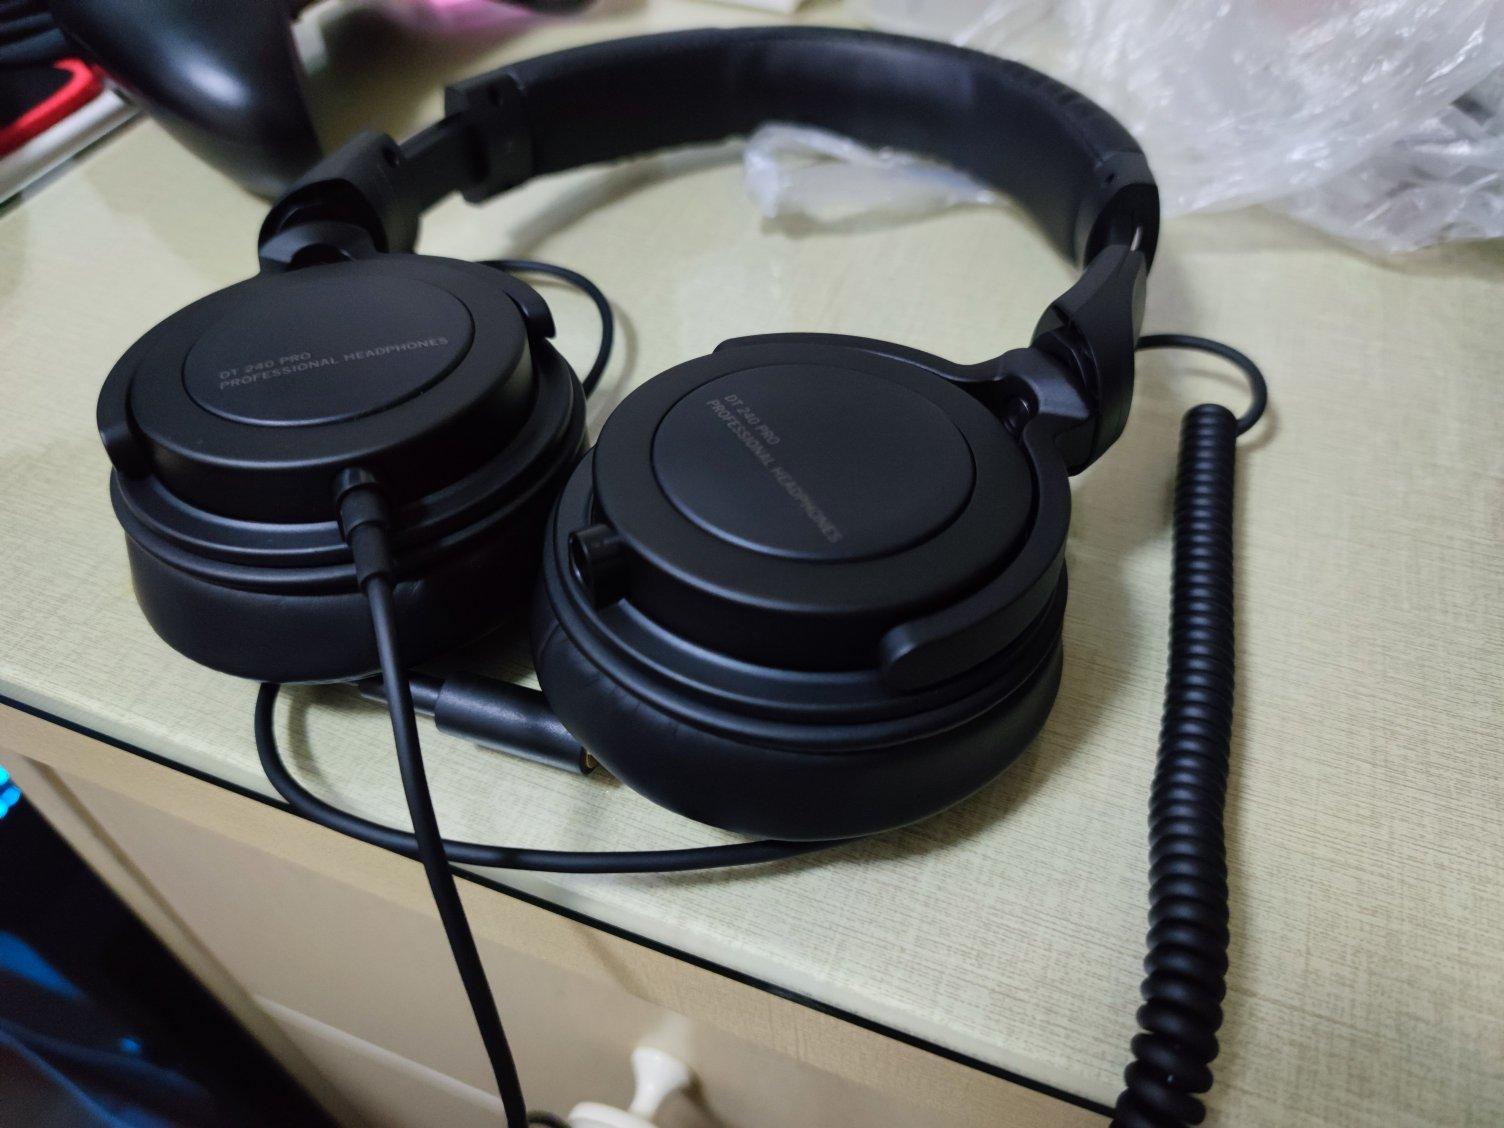 拜亚动力HiFi级音质头戴式耳机,拍视频监听用,送工作用男友礼物